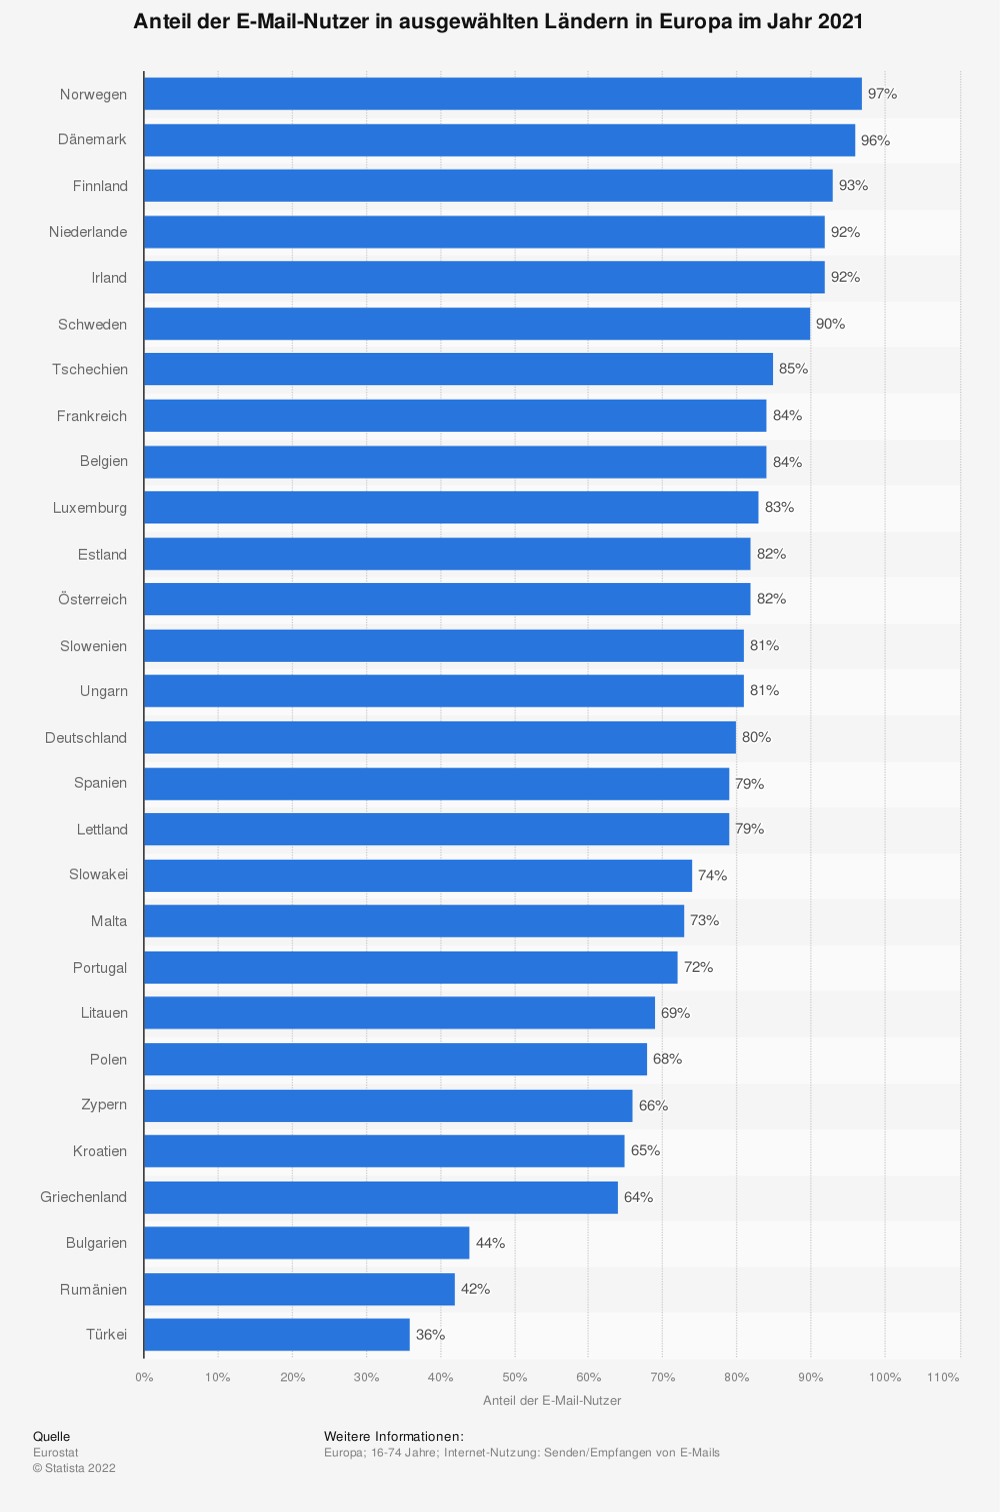 Statistik: Anteil der E-Mail-Nutzer in ausgewählten Ländern in Europa im Jahr 2020 | Statista